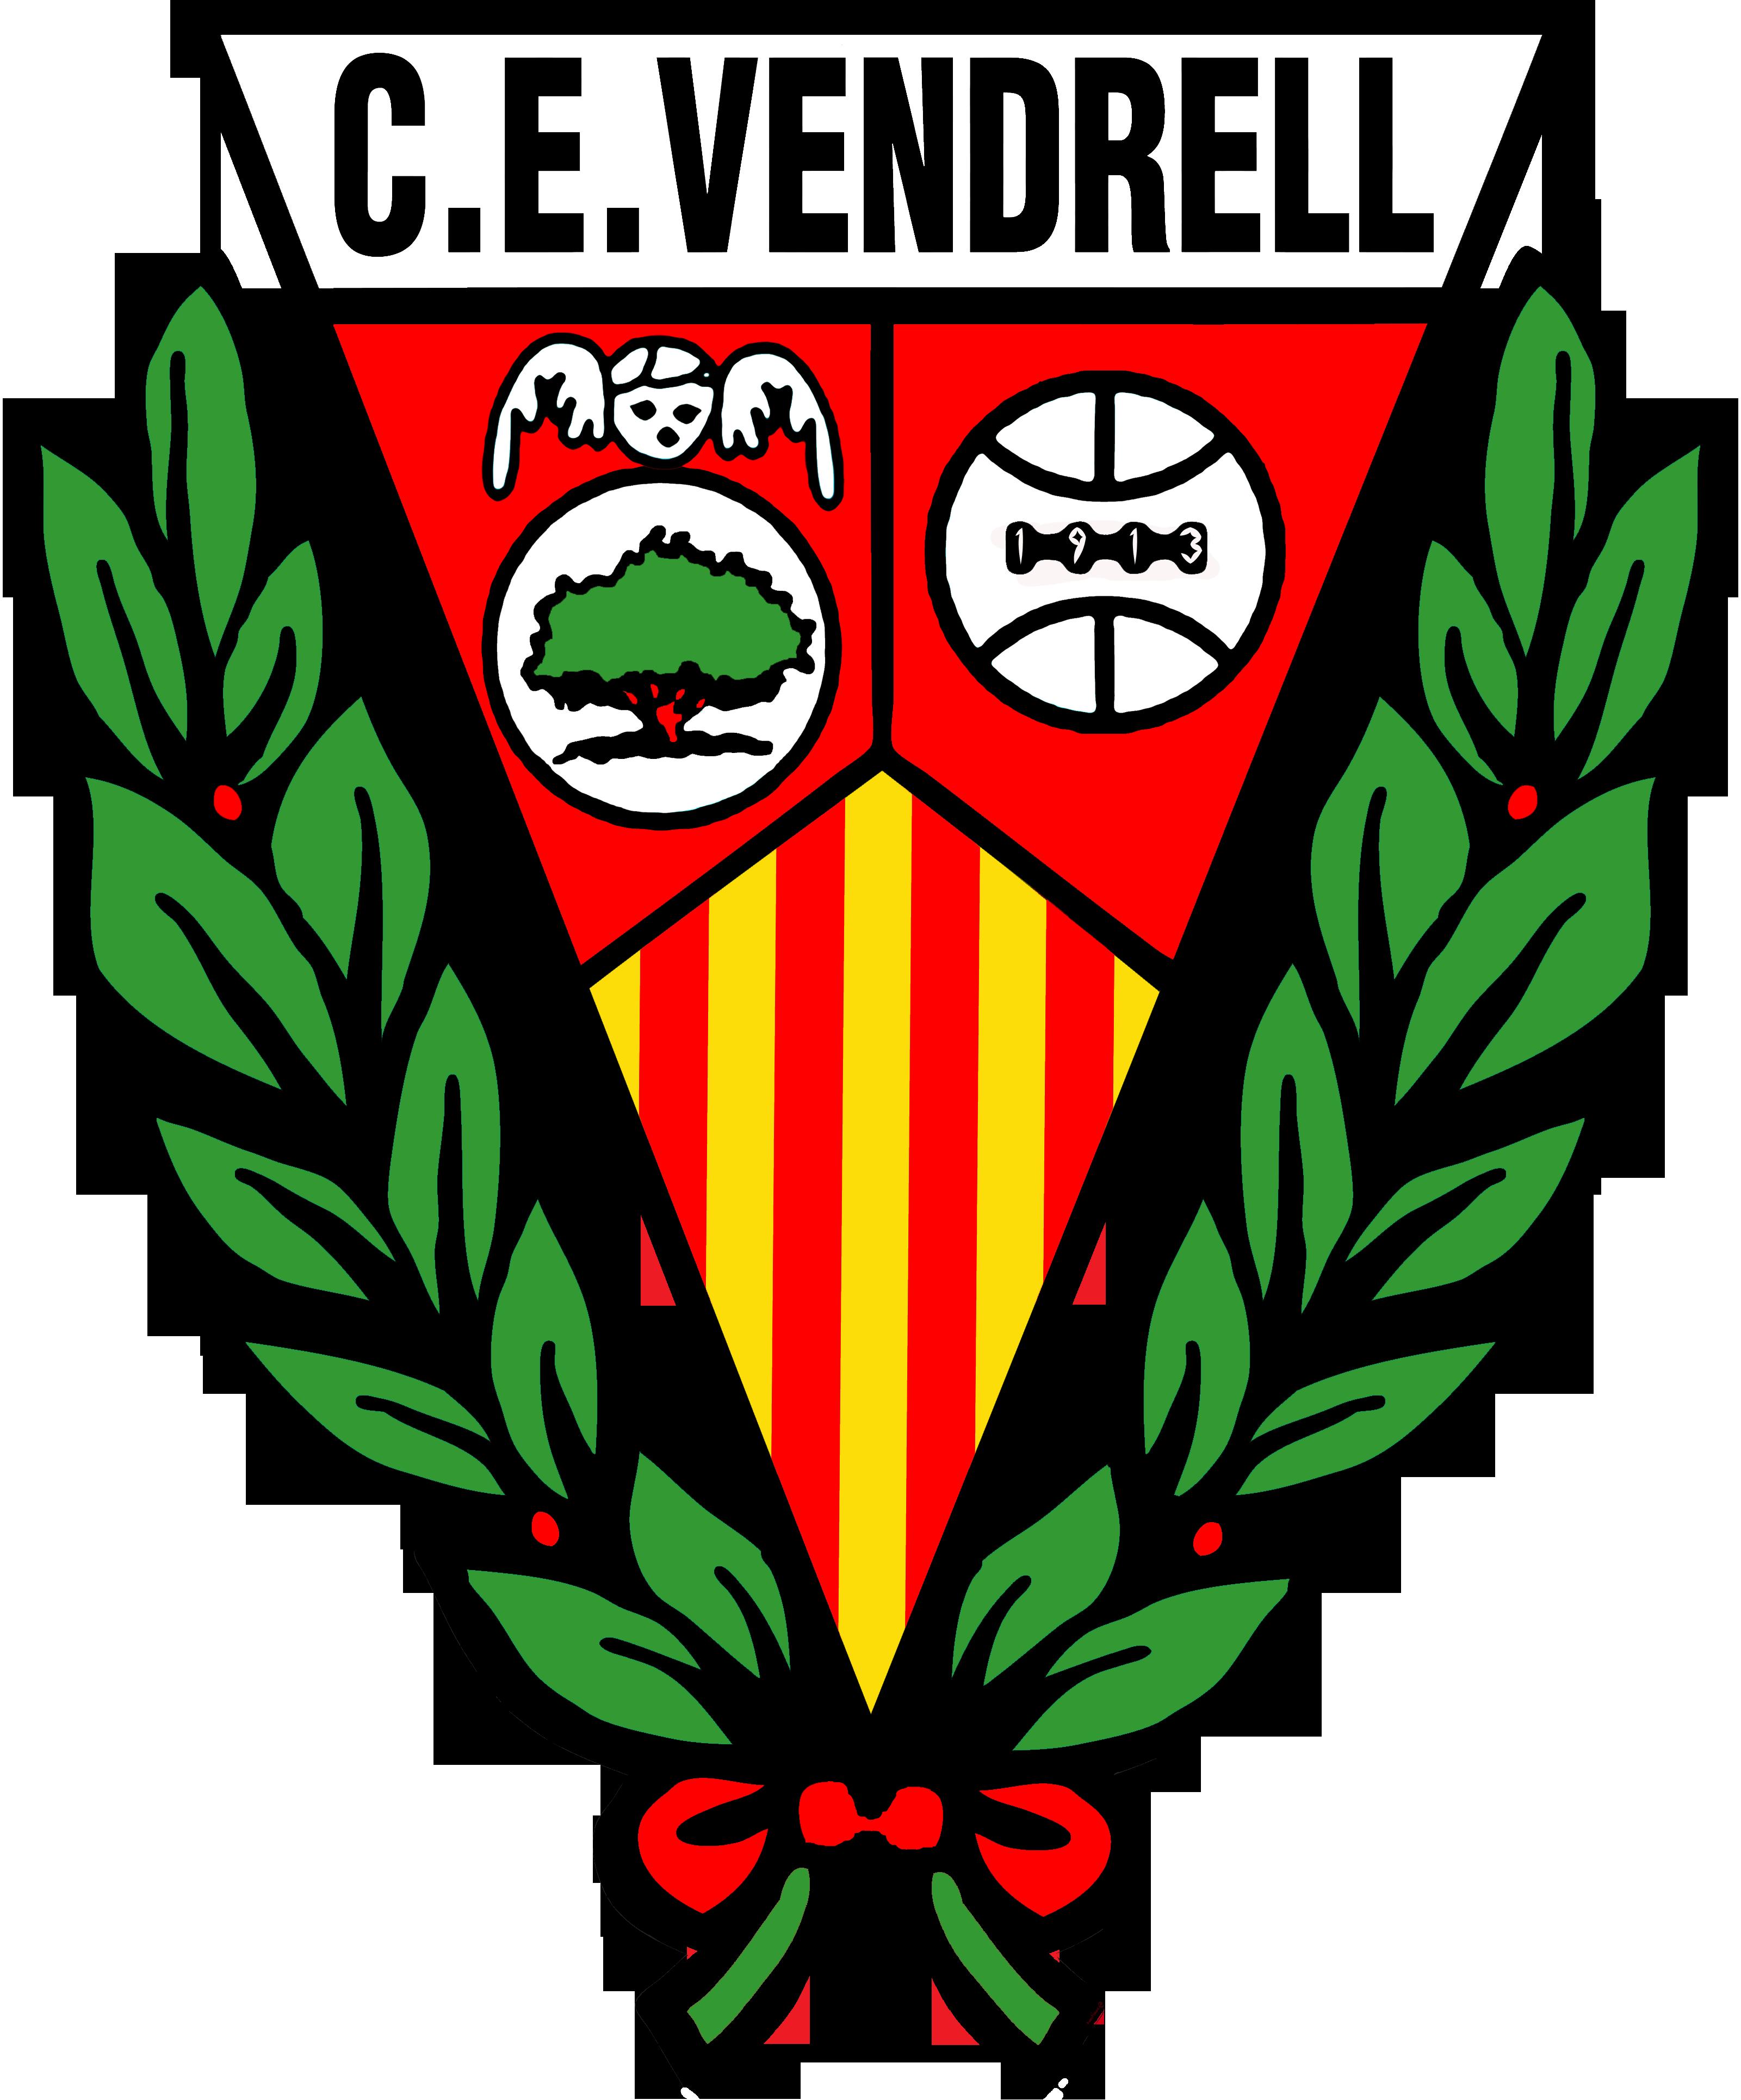 C.E. Vendrell Juvenil